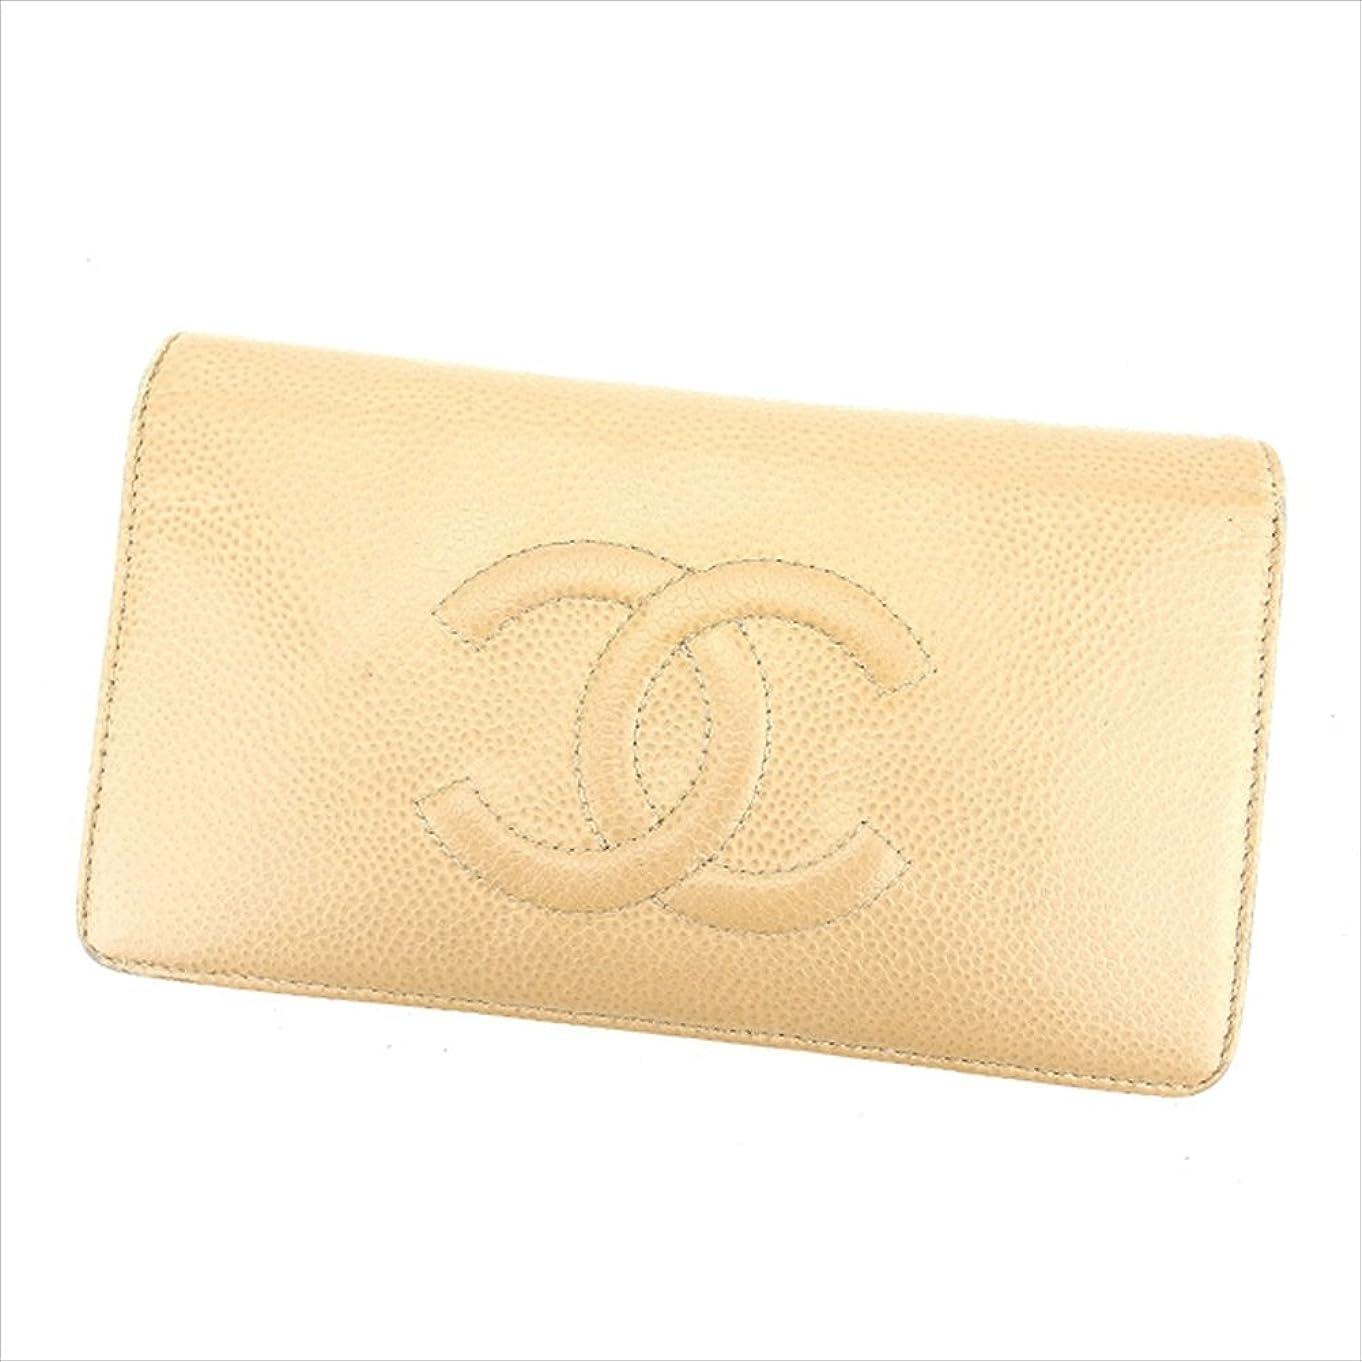 透けて見える私たちのコピー(シャネル) Chanel 長財布 ファスナー付き長財布 ベージュ×グレー ココマーク レディース 中古 L974